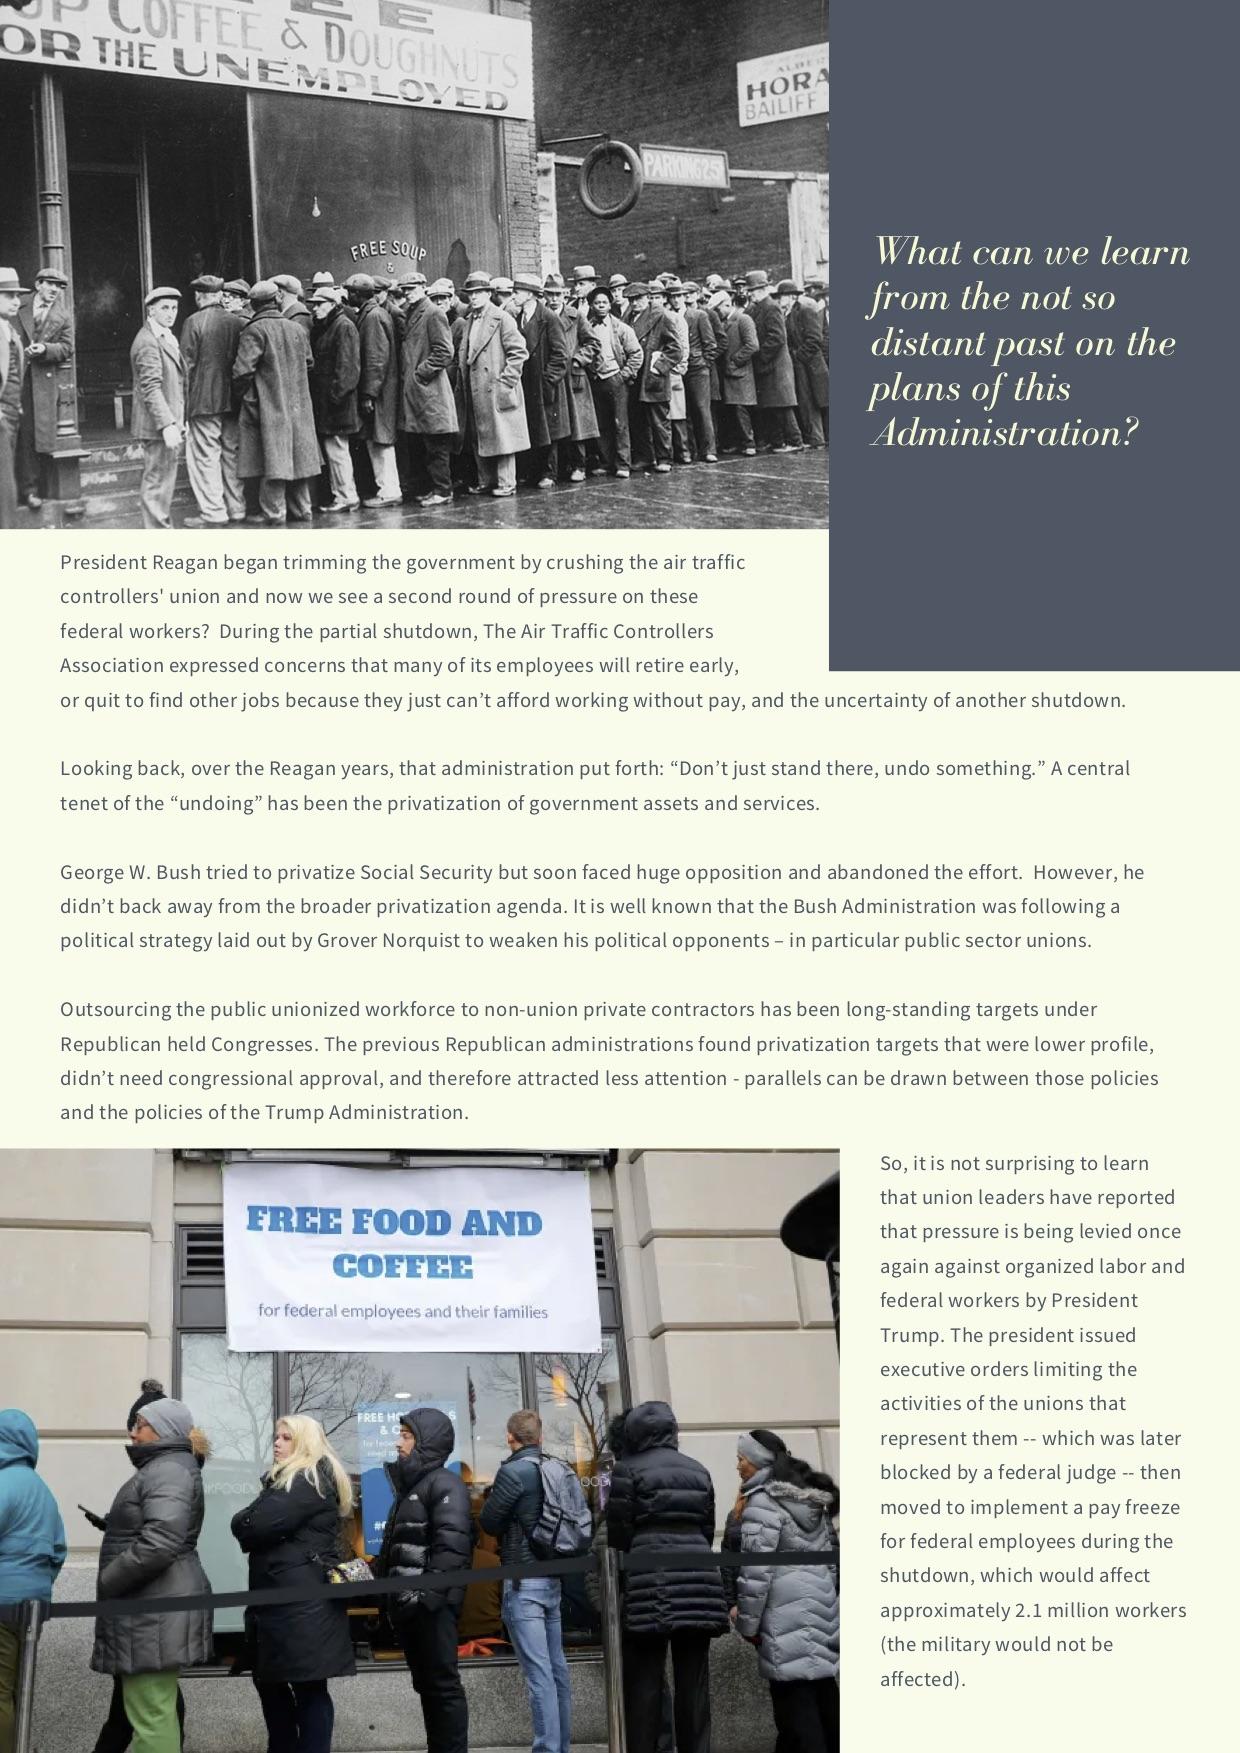 Gray and Beige Sch4ool Newsletter (1) (1).jpg